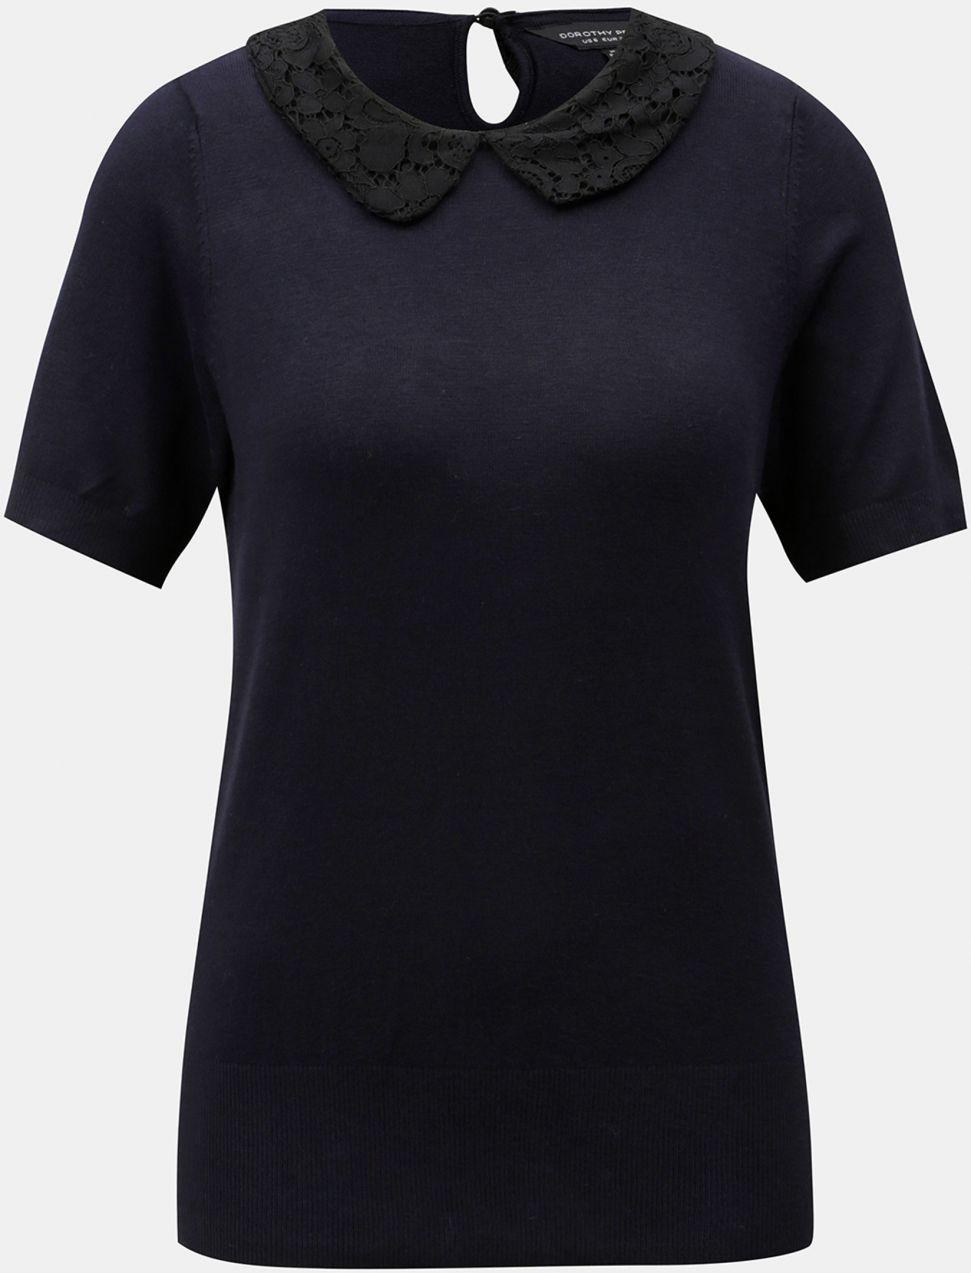 df07a4a7401c Tmavomodré tričko s čipkovaným golierikom Dorothy Perkins značky ...